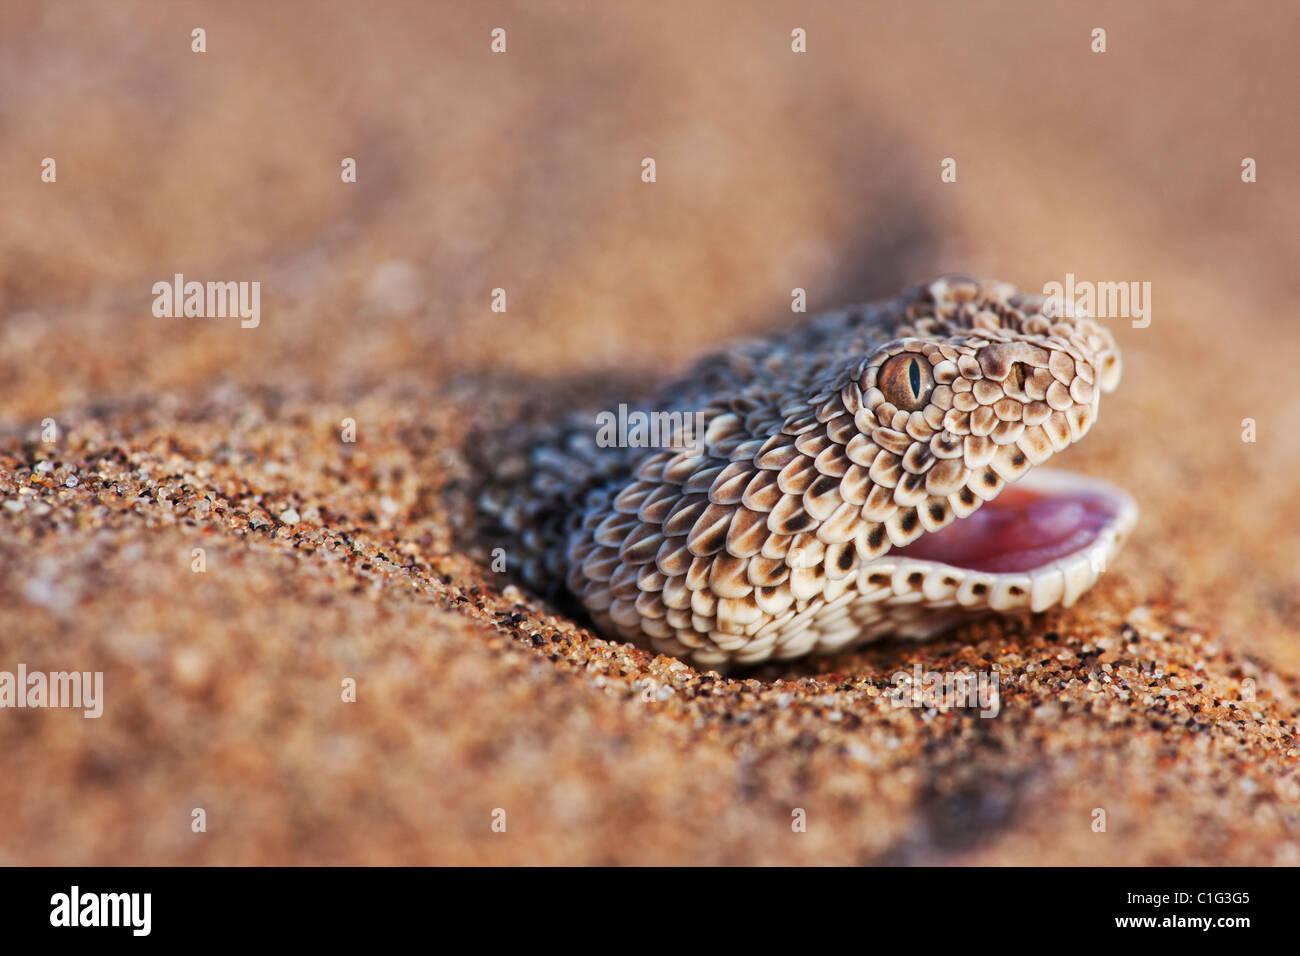 L'additionneur Sidewinder (Bitis peringueyi) est une espèce de vipère venimeuse dans le désert Photo Stock